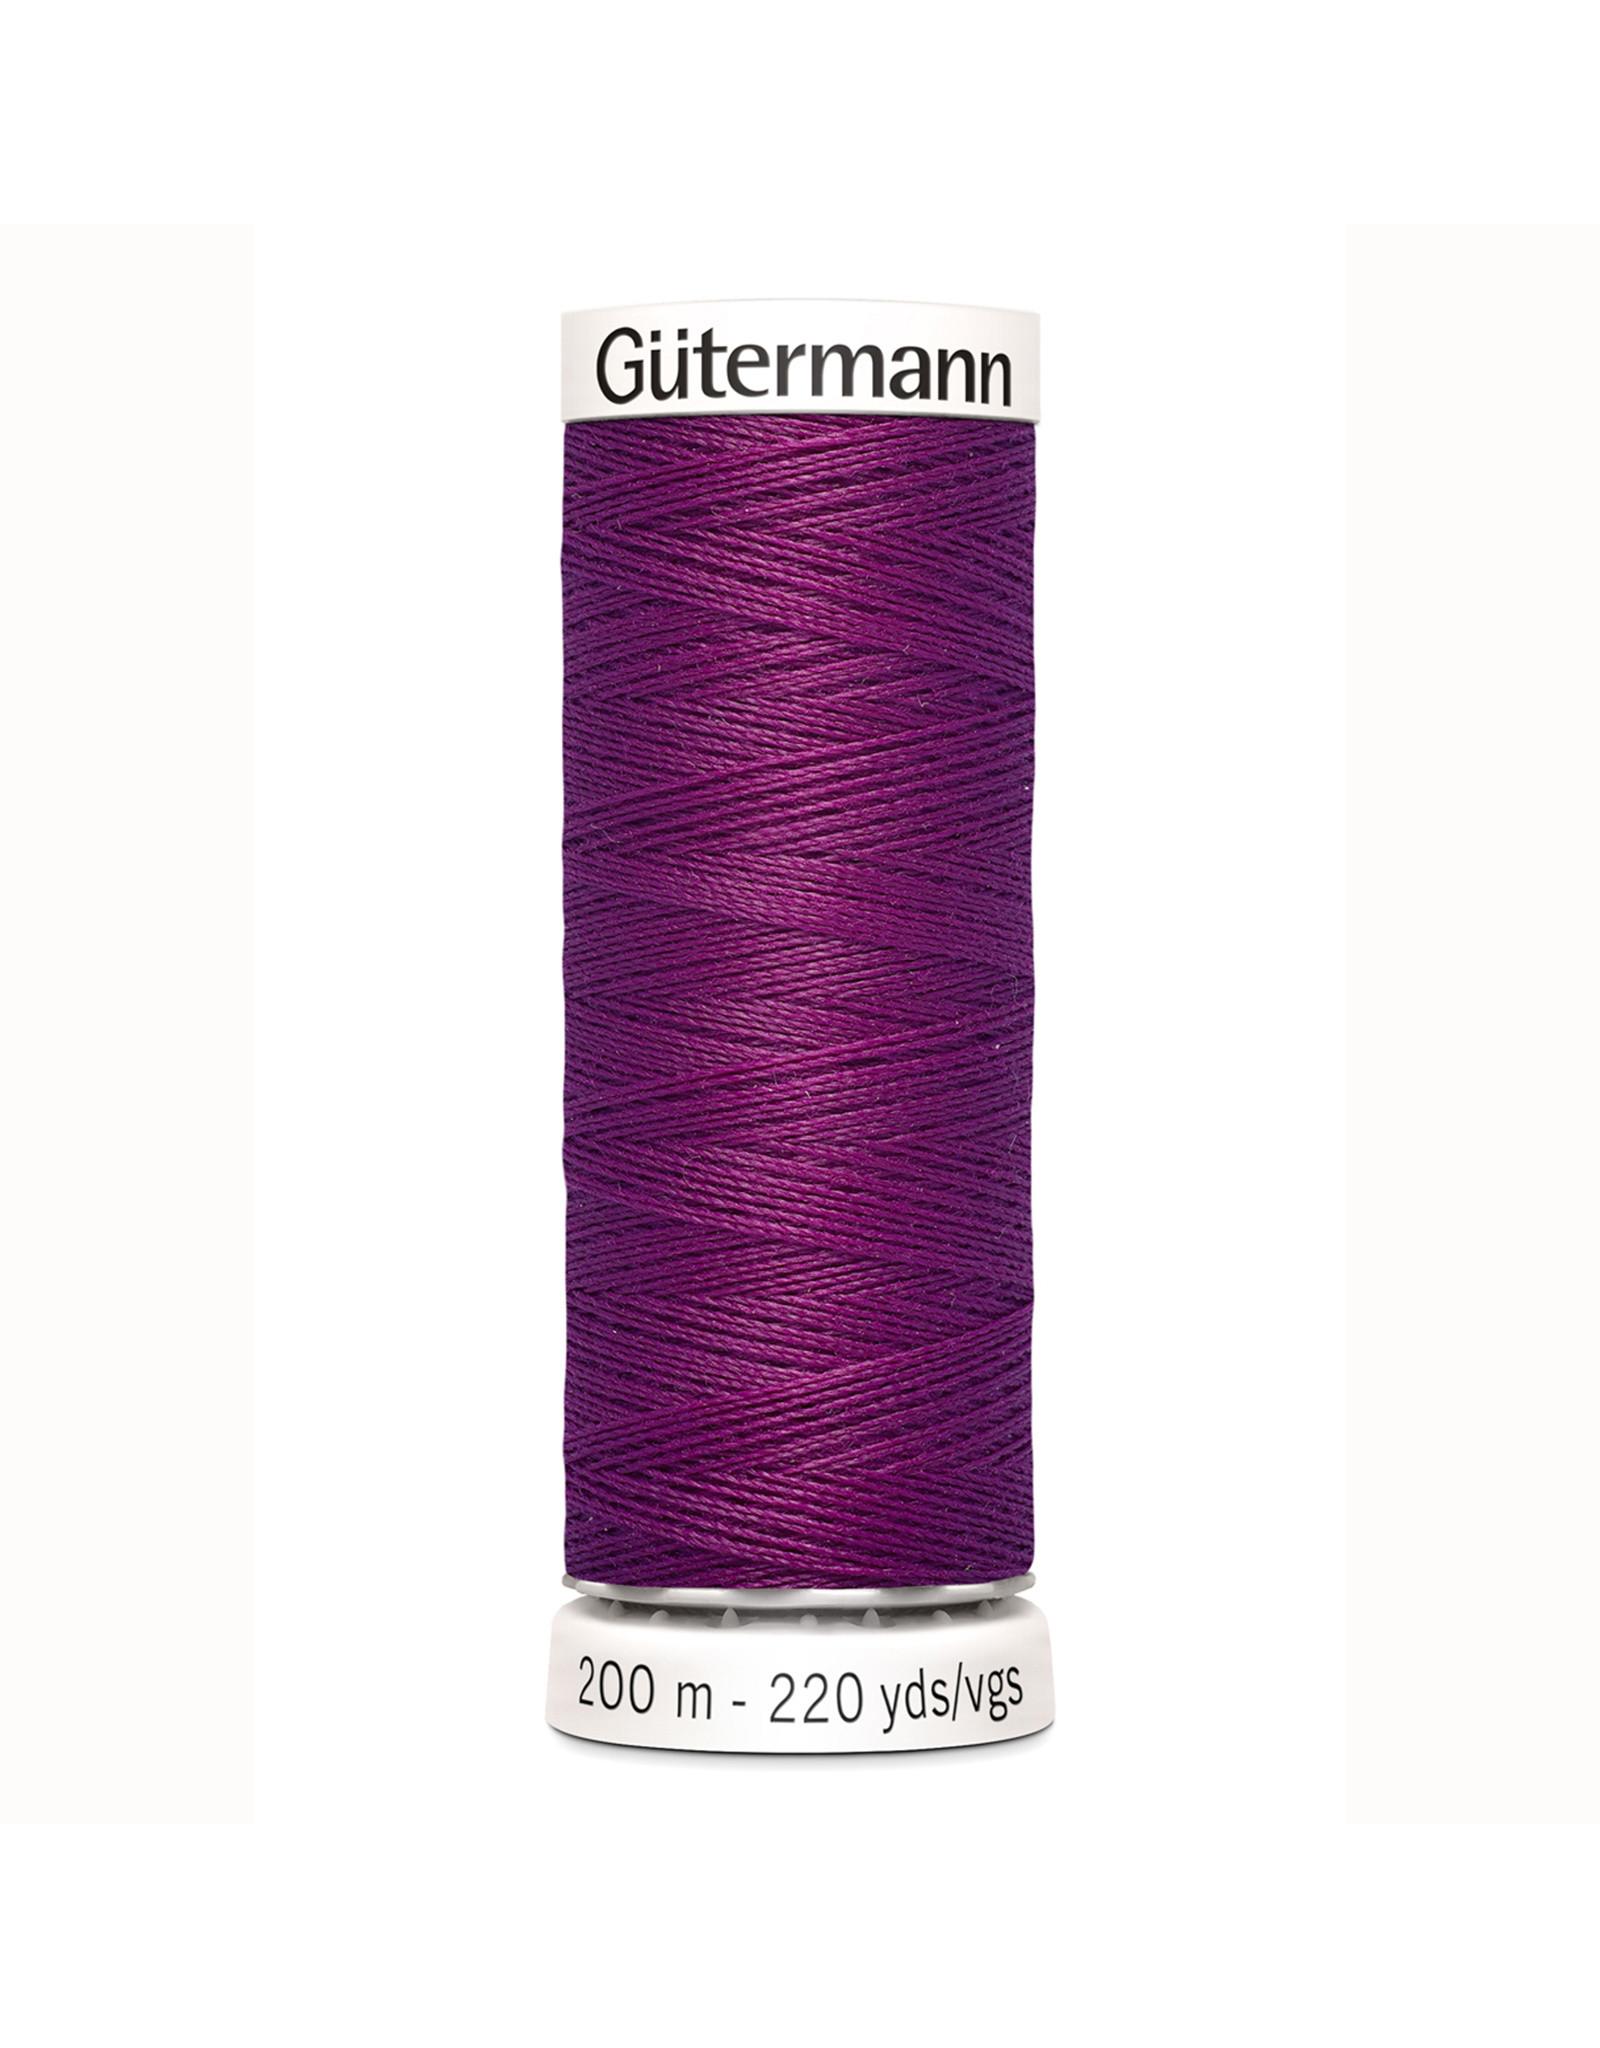 Gütermann Gütermann Sewing Thread 200 m - nr 718